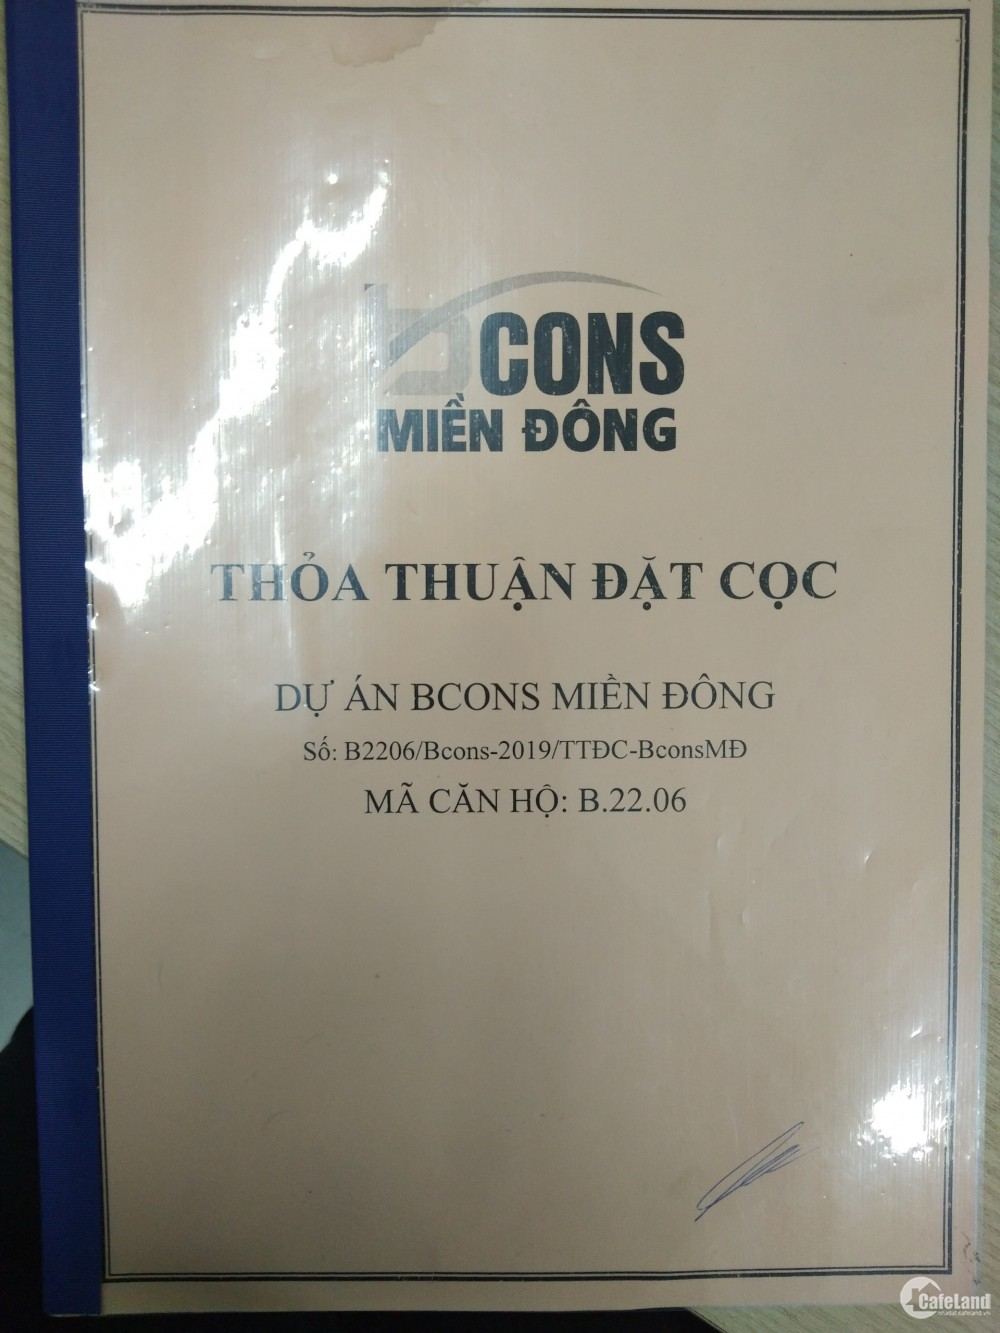 Anh Tổng bán căn 1PN bcons Miền Đông, thu 20tr k môi giới. SĐT:0933194633